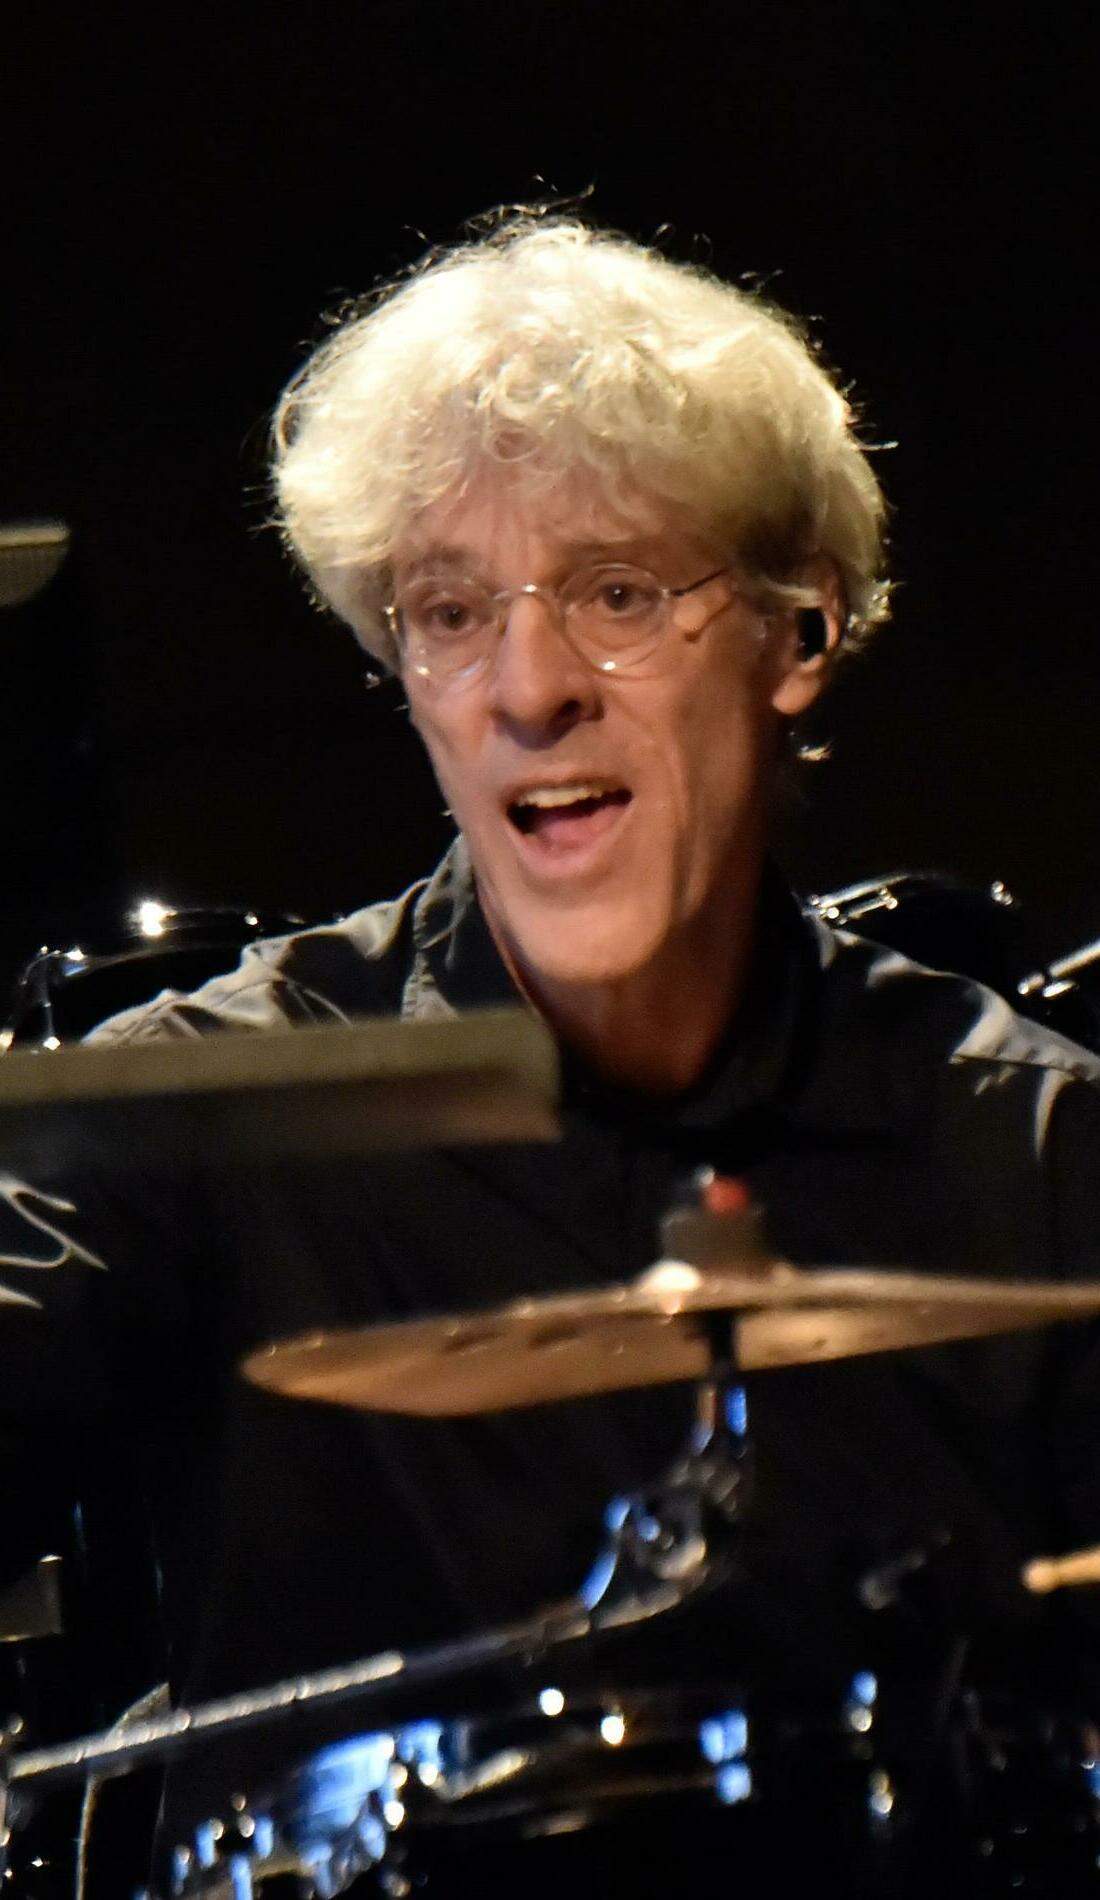 A Stewart Copeland live event